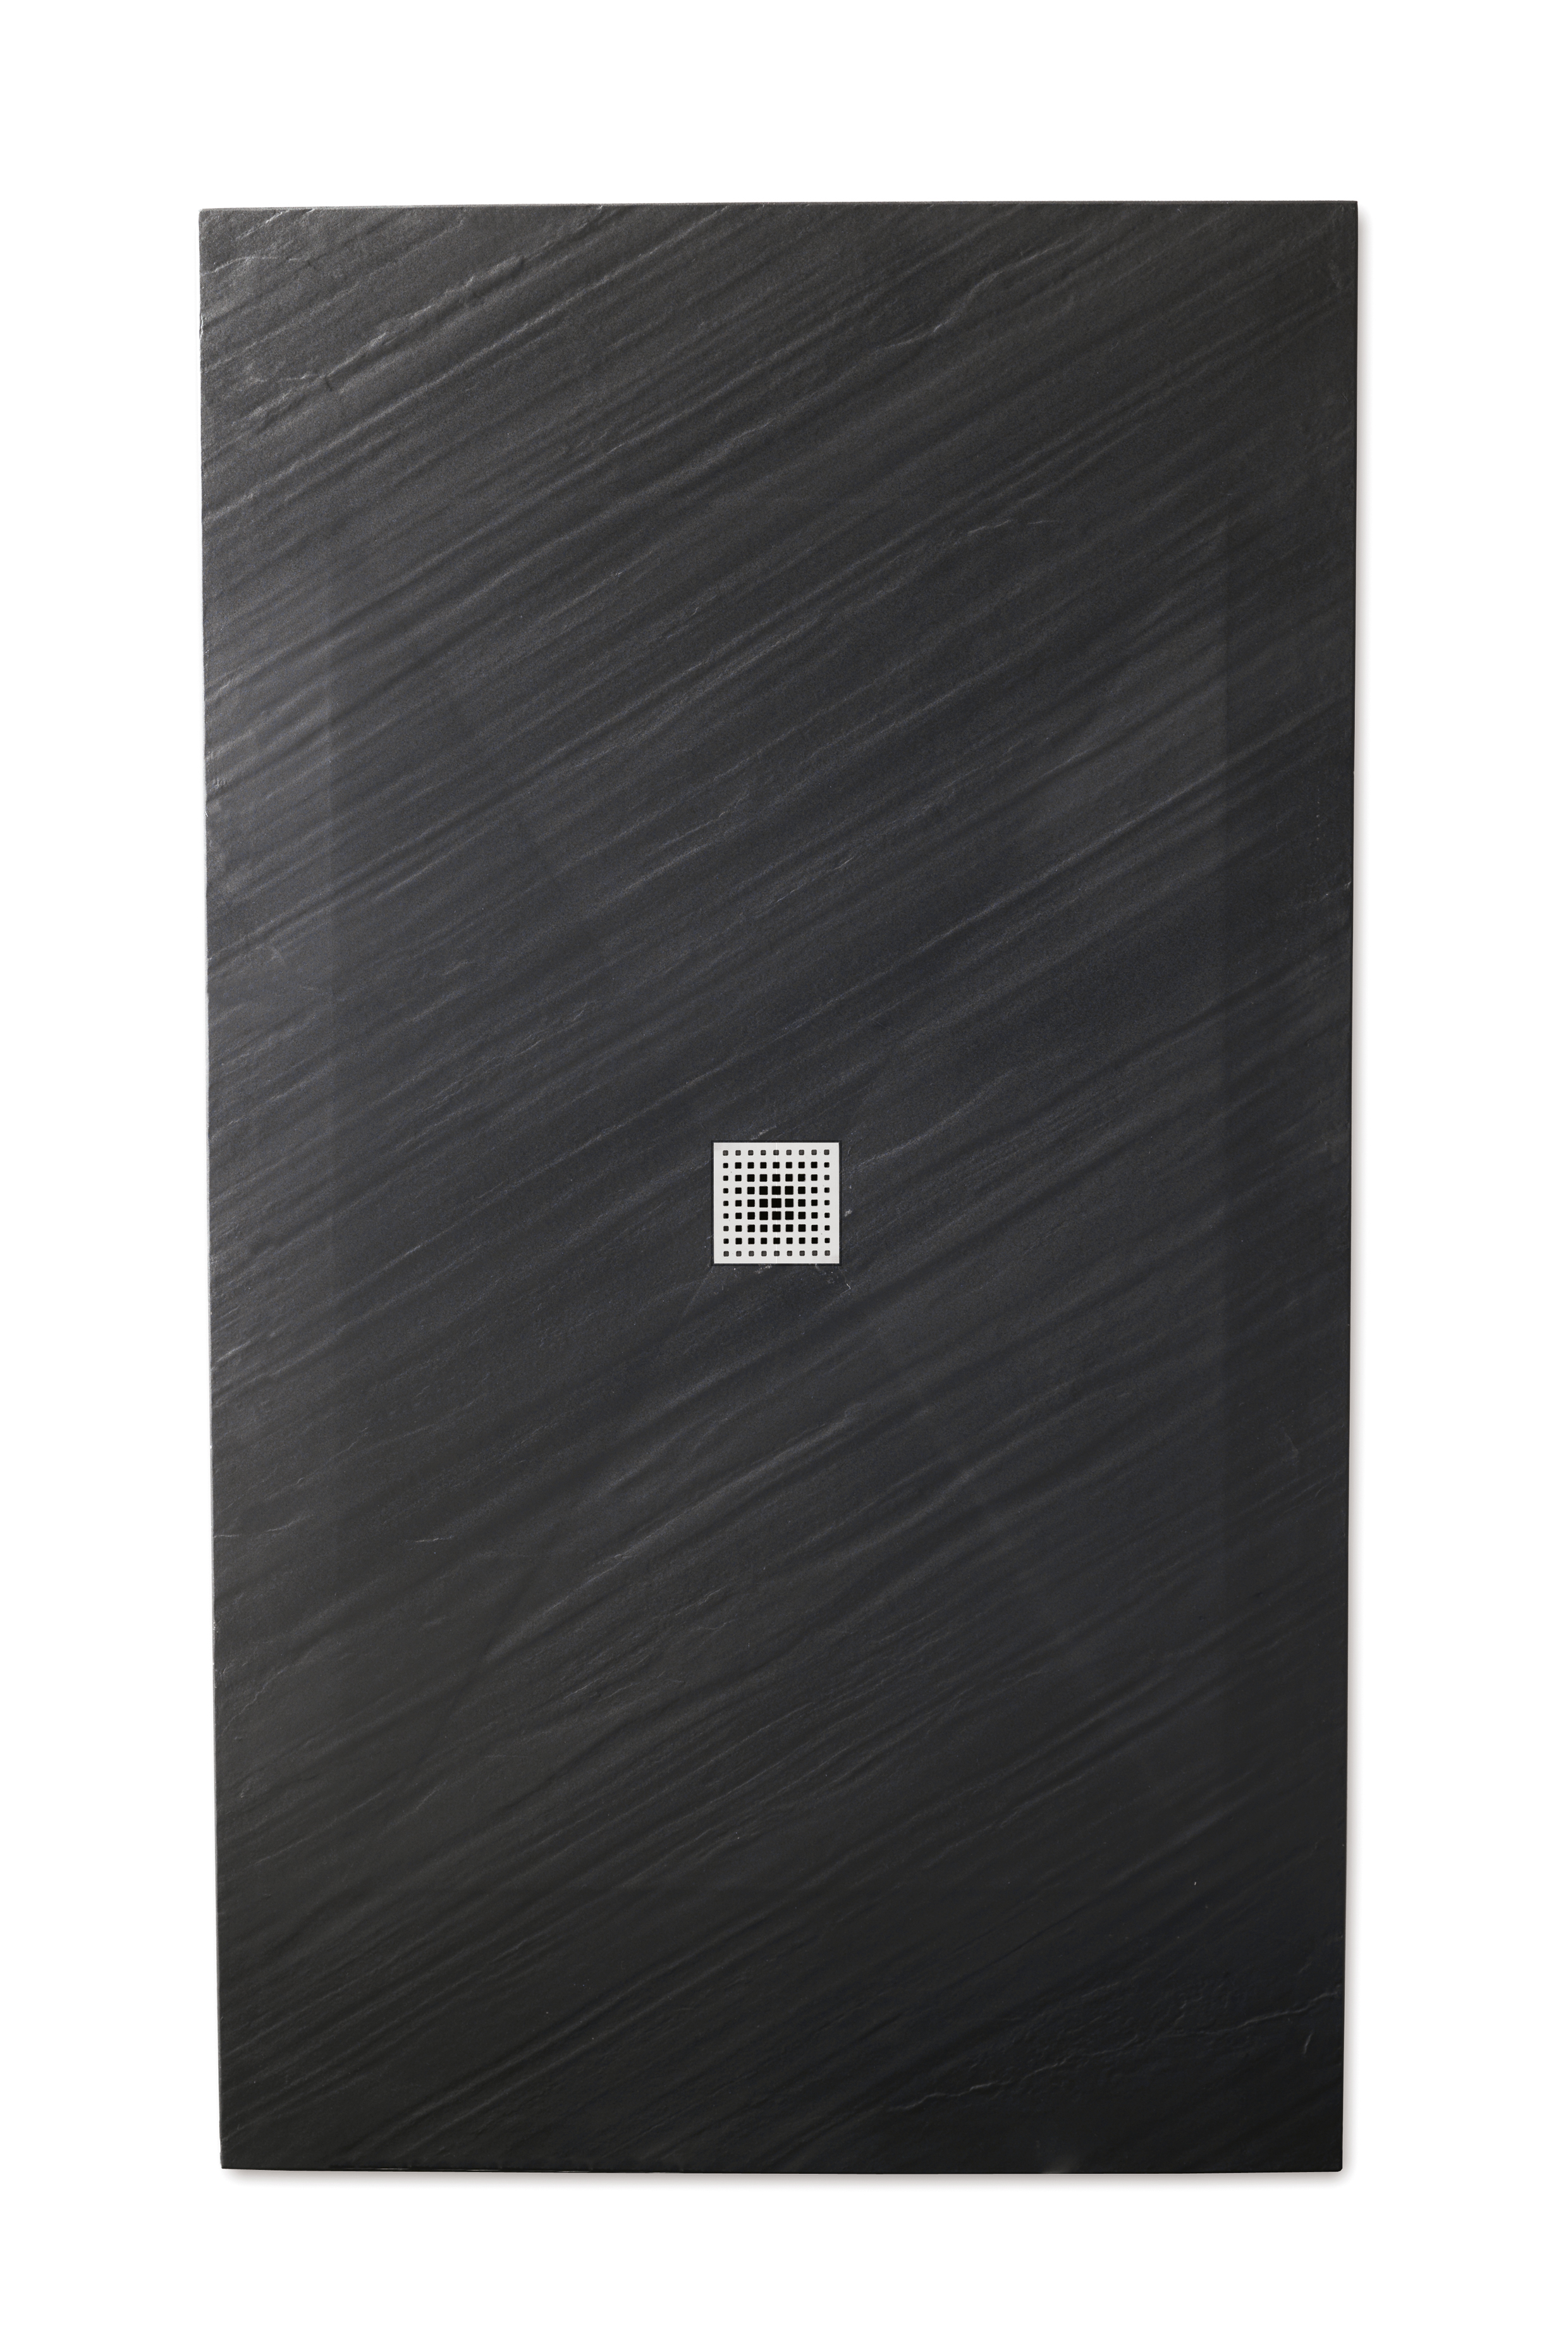 Piana piatto doccia ultra flat 3 cm in mineralstone 70x90 finitura nero bagno italiano - Piatto doccia nero ...